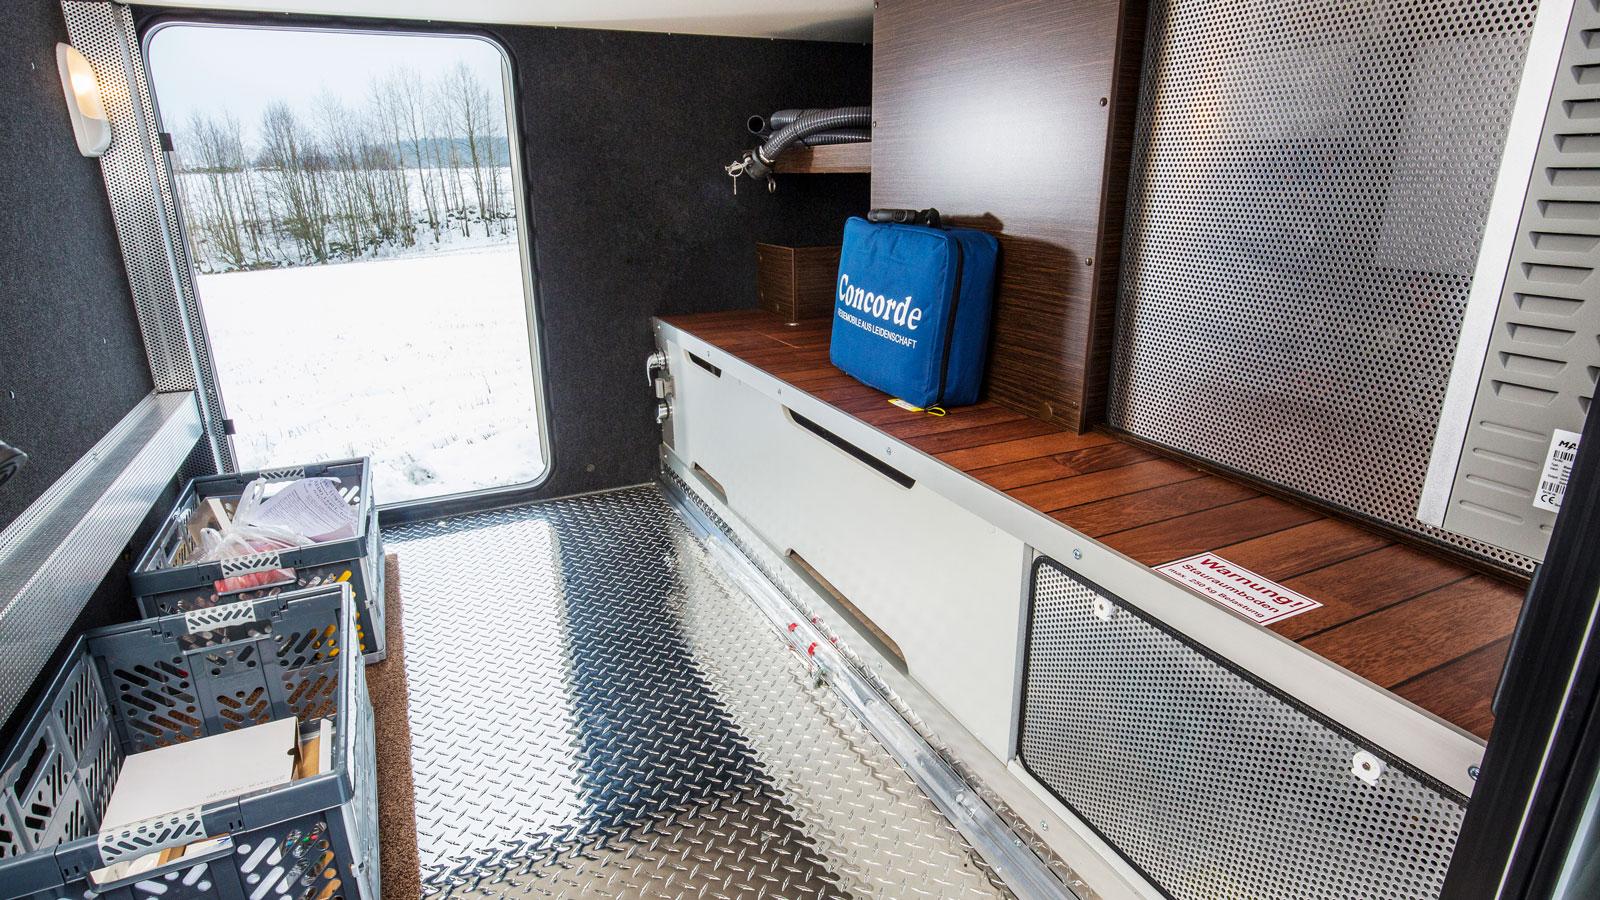 Garaget är uppvärmt, väl belyst och har utedusch. Bakom plåtarna finns diverse elektronik.